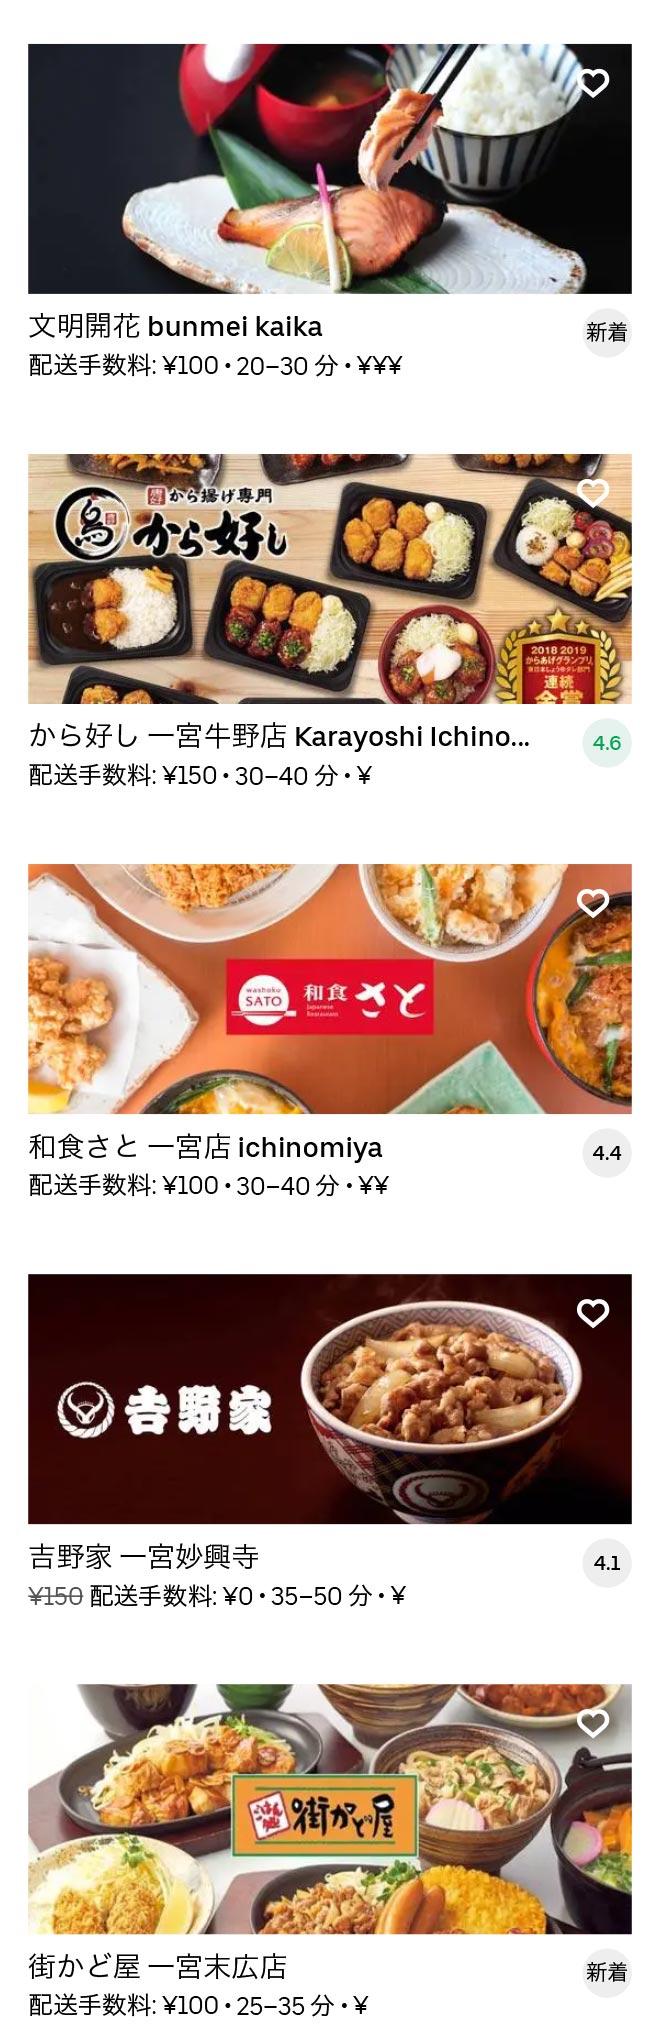 Ichinomiya menu 2010 04